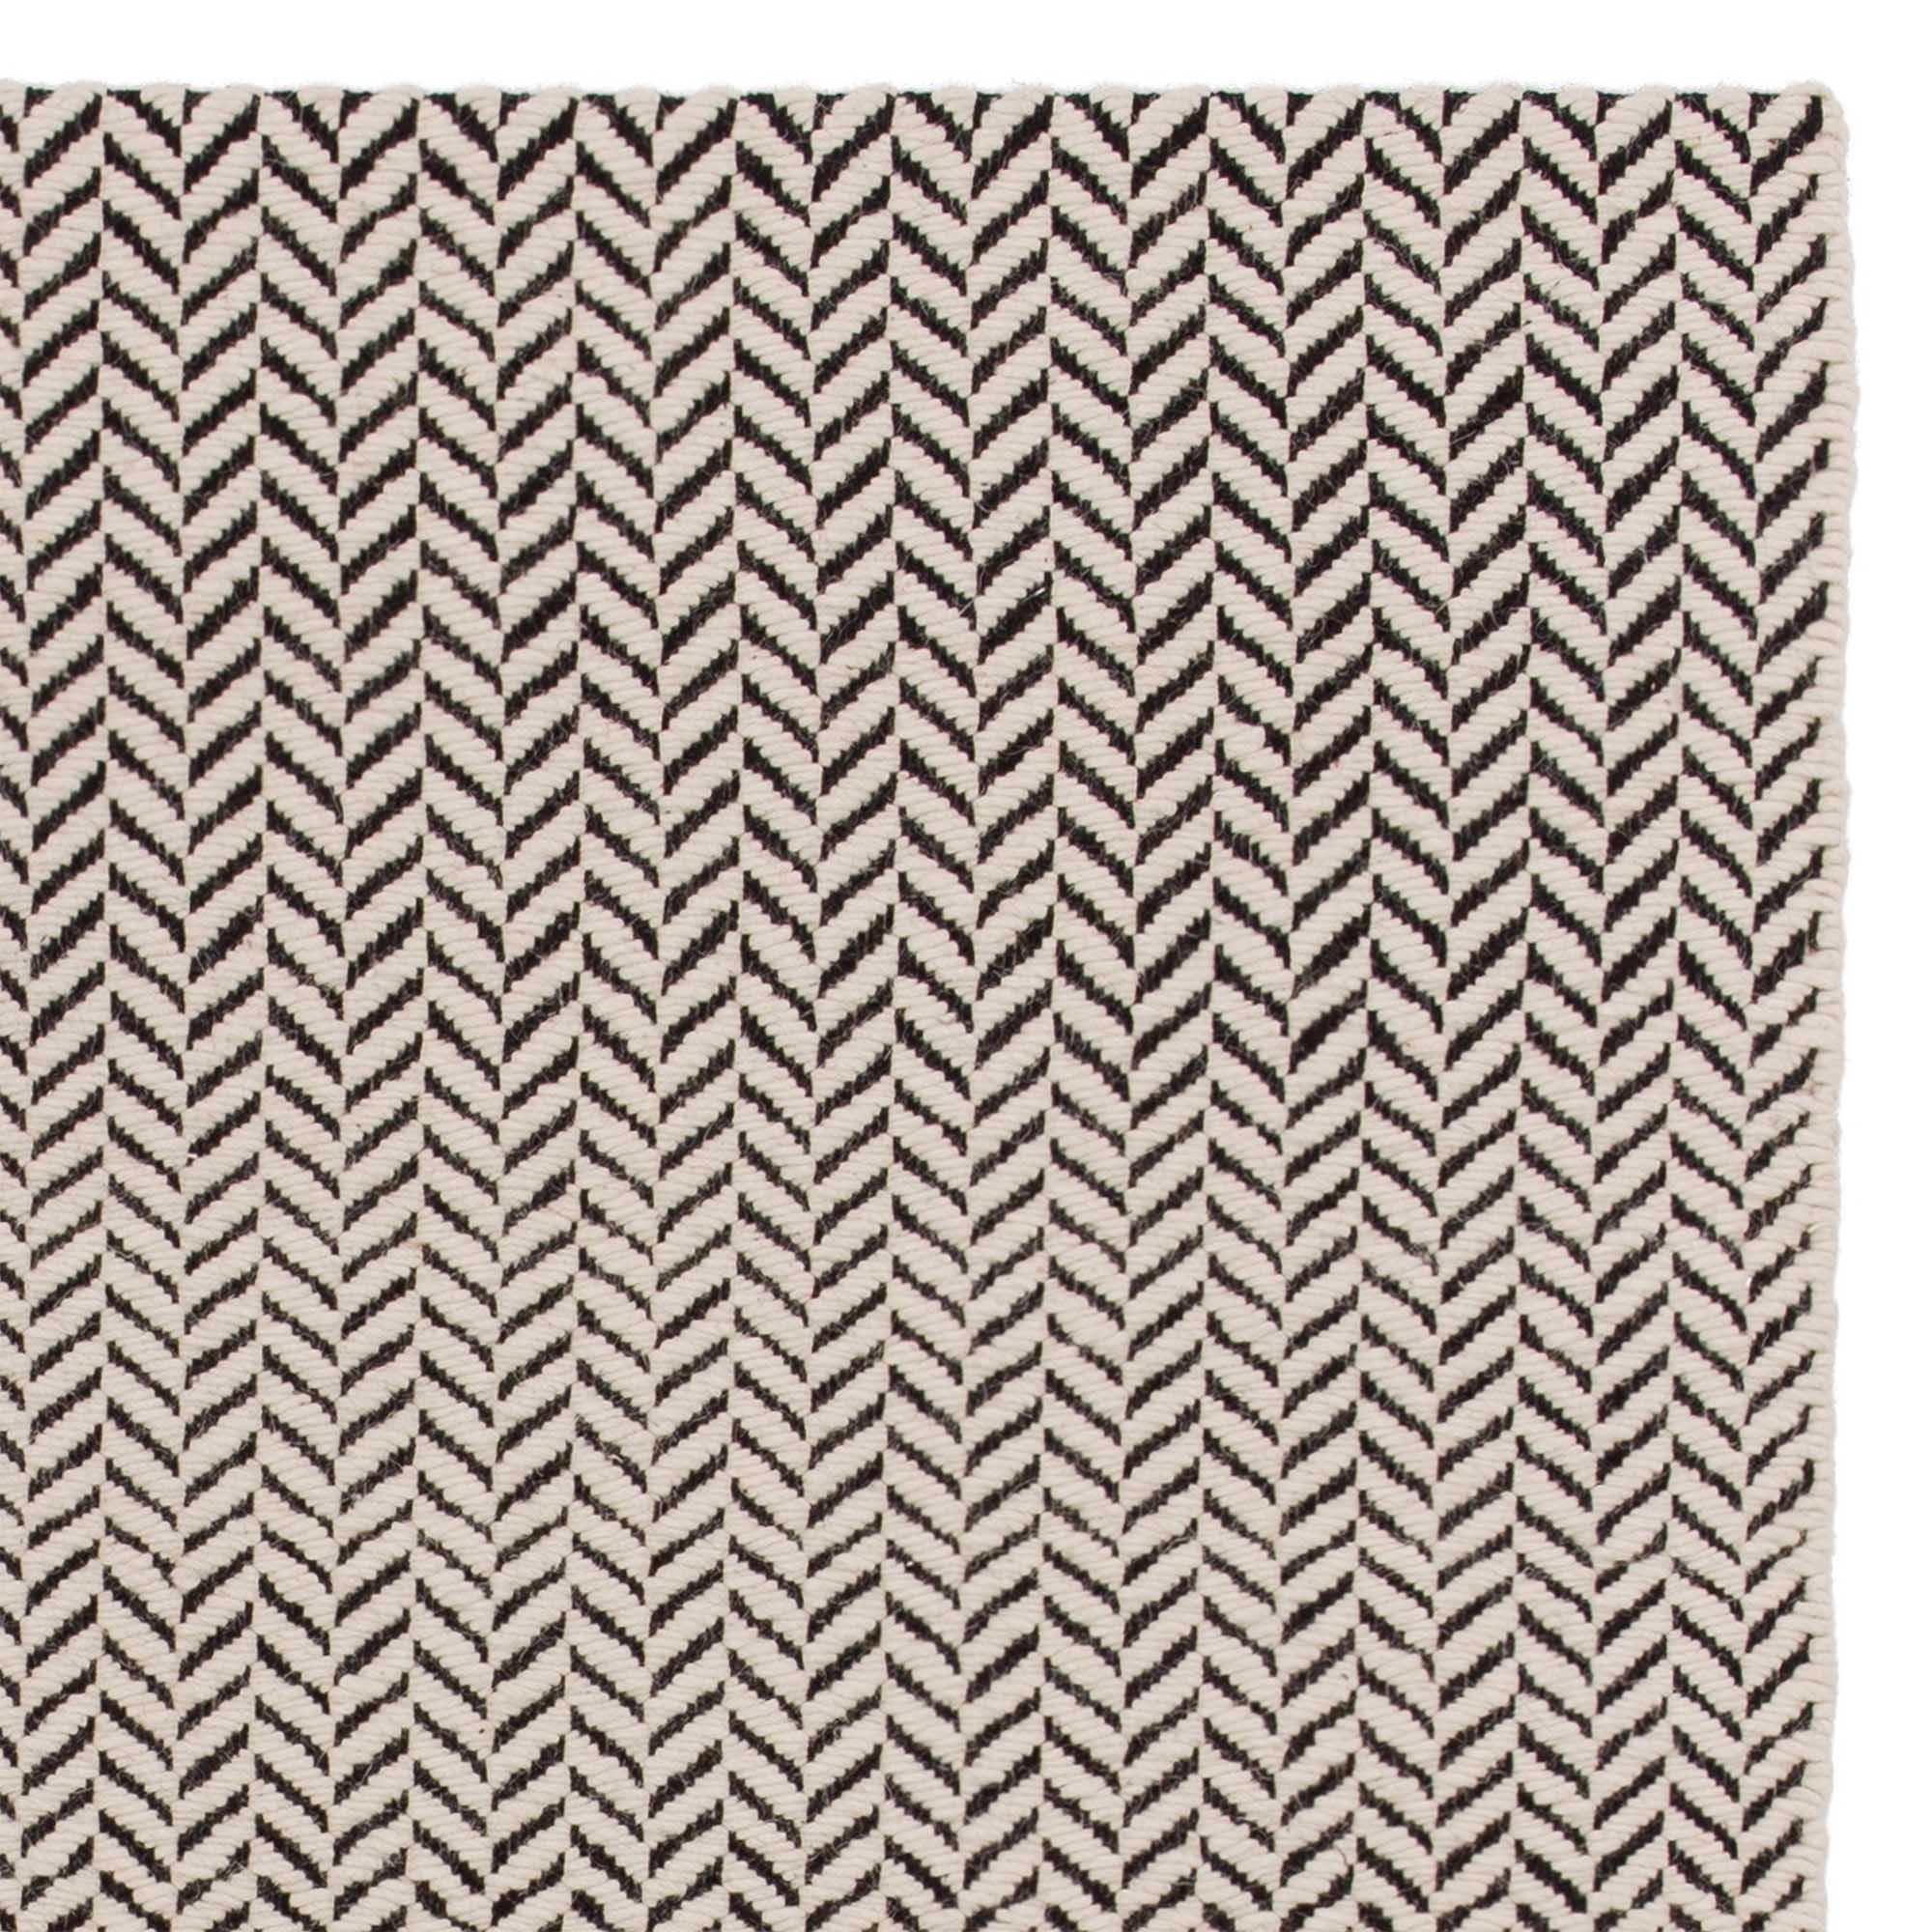 Full Size of Teppich Schwarz Weiß Kolvra Weißes Bett 90x200 Wohnzimmer Mit Schubladen Schweißausbrüche Wechseljahre Teppiche Schlafzimmer 160x200 Hochglanz Regal Für Wohnzimmer Teppich Schwarz Weiß